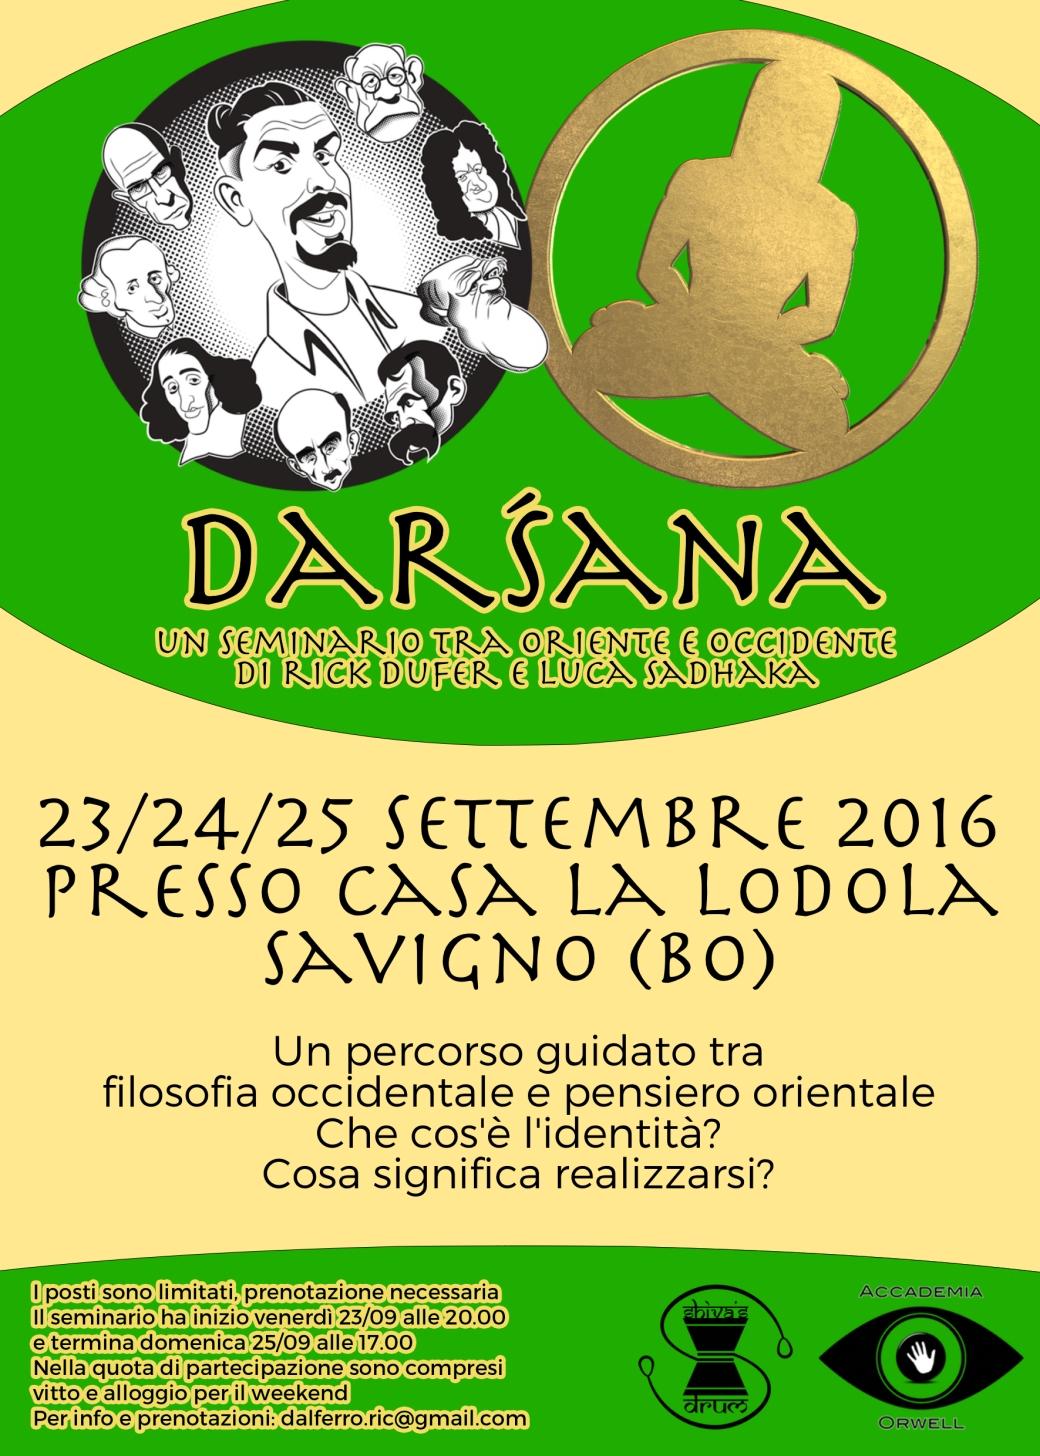 darsana_flyer